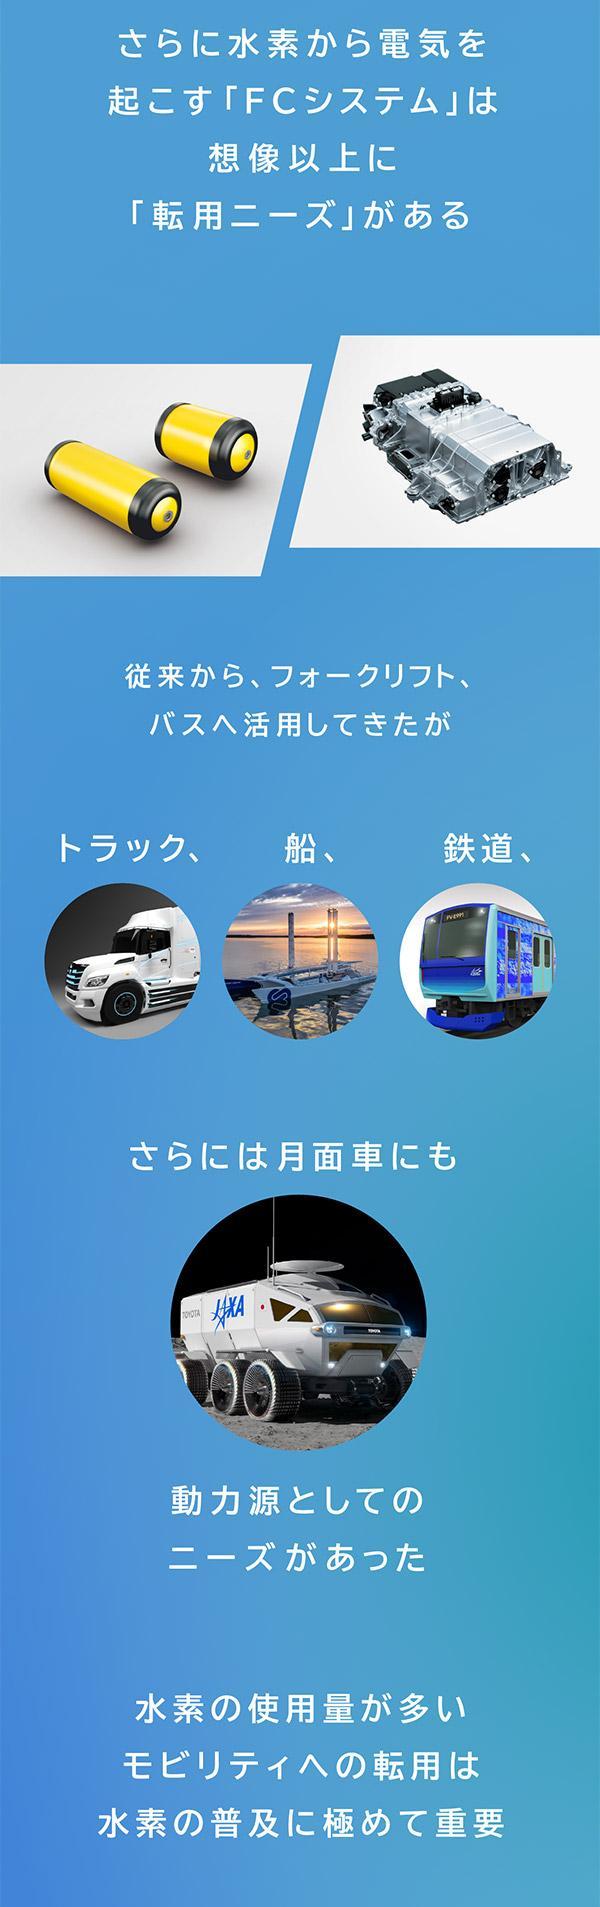 水素から電気を起こすFCシステムはトラック、船、鉄道、月面車などにも転用ニーズがある